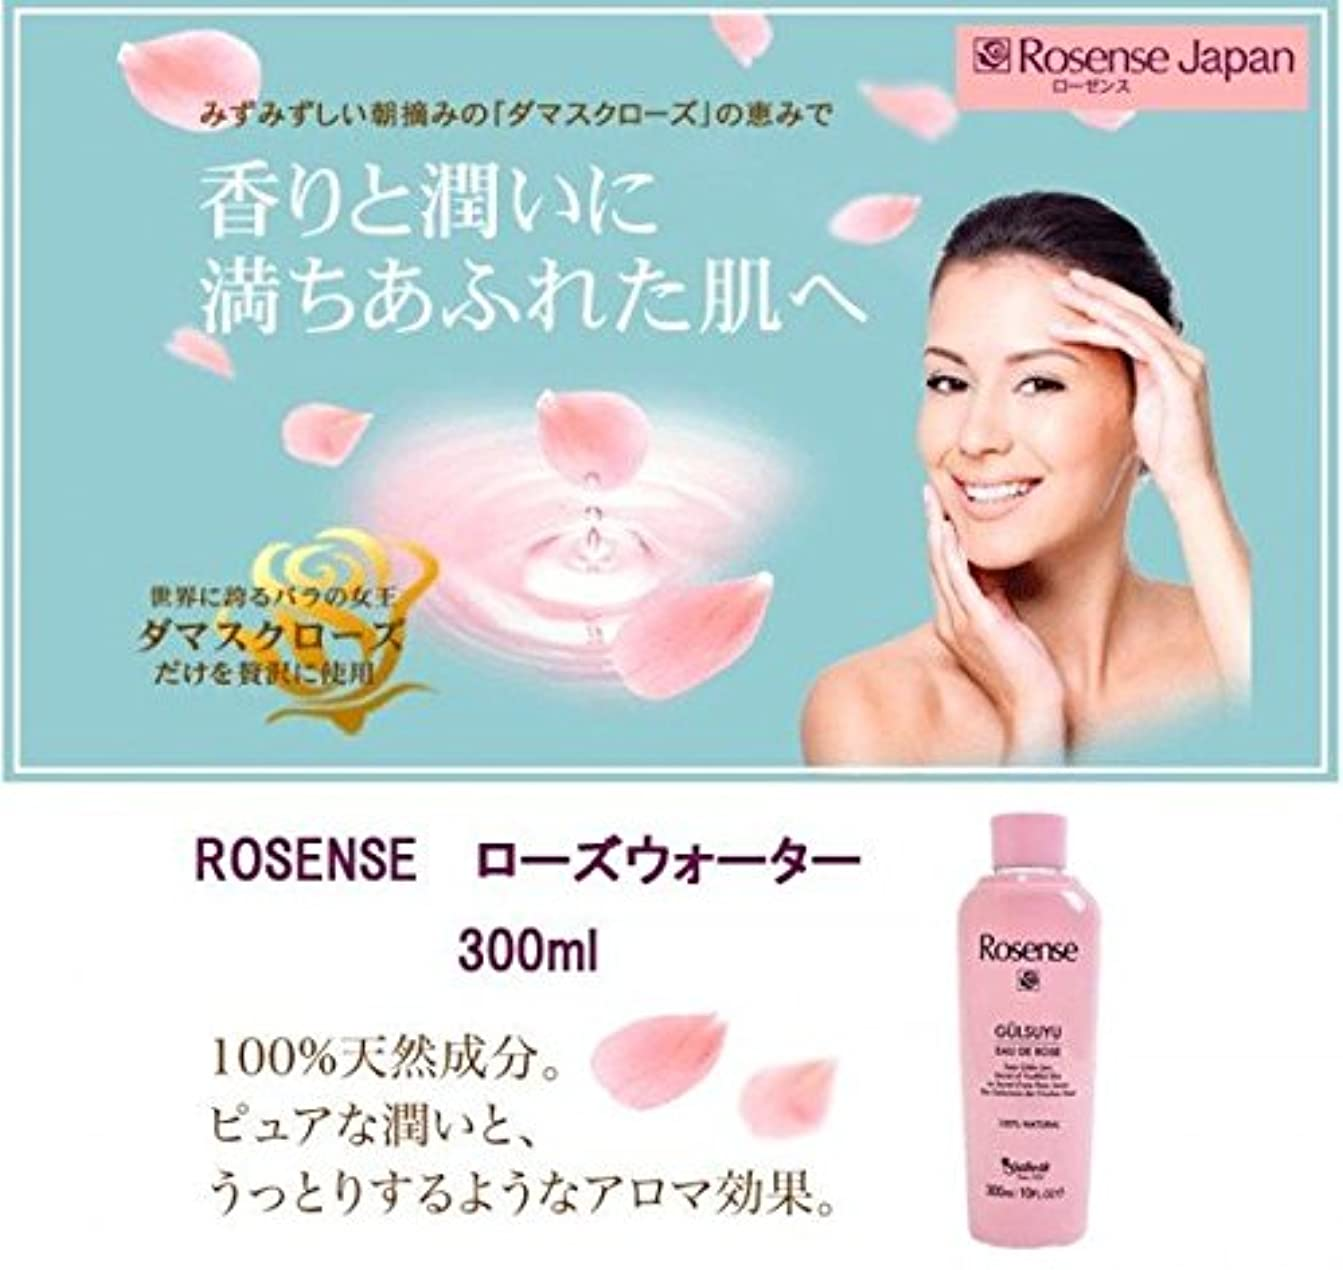 ブラウズそっと遠洋のROSENSE ローズウォーター 300ml バラの芳醇な香りに包まれながら お肌を整えます